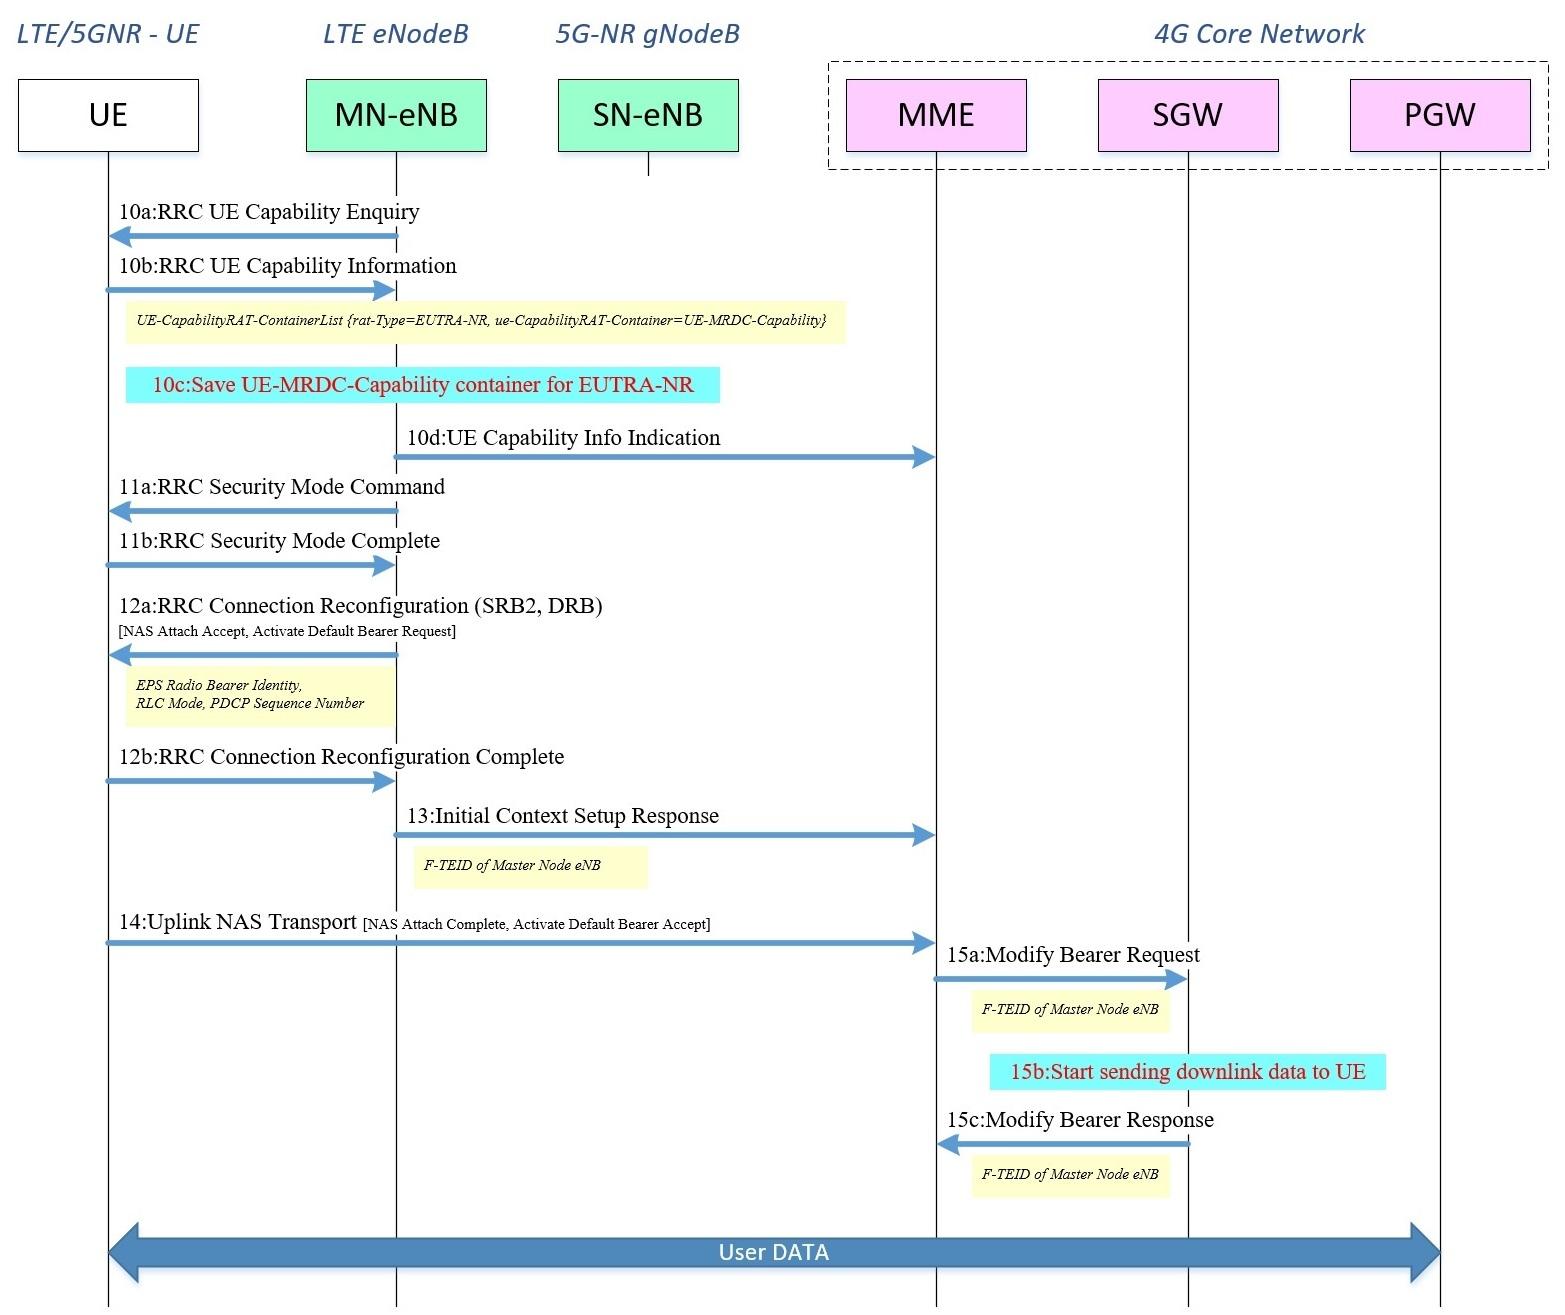 Подключение пользовательского терминала к сети 4G-LTE - attach procedure, продолжение